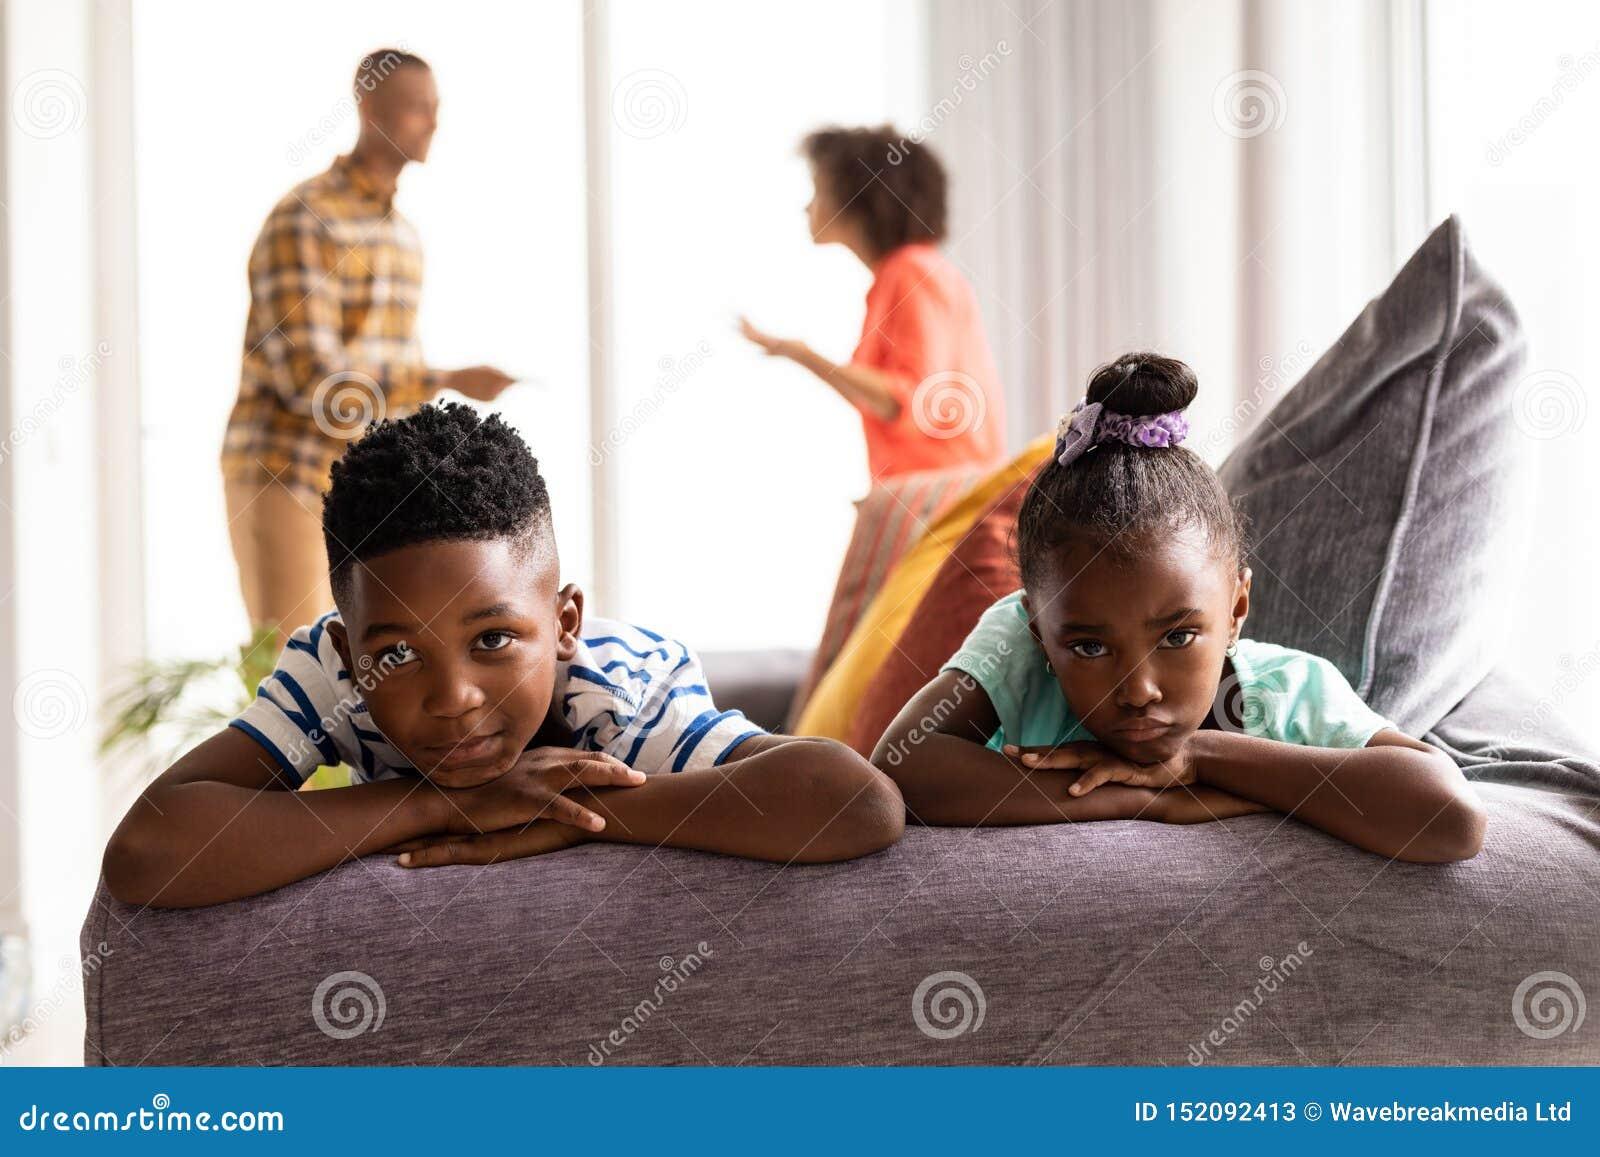 Verstoorde kinderen die op een bank zitten terwijl hun ouders die op de achtergrond debatteren